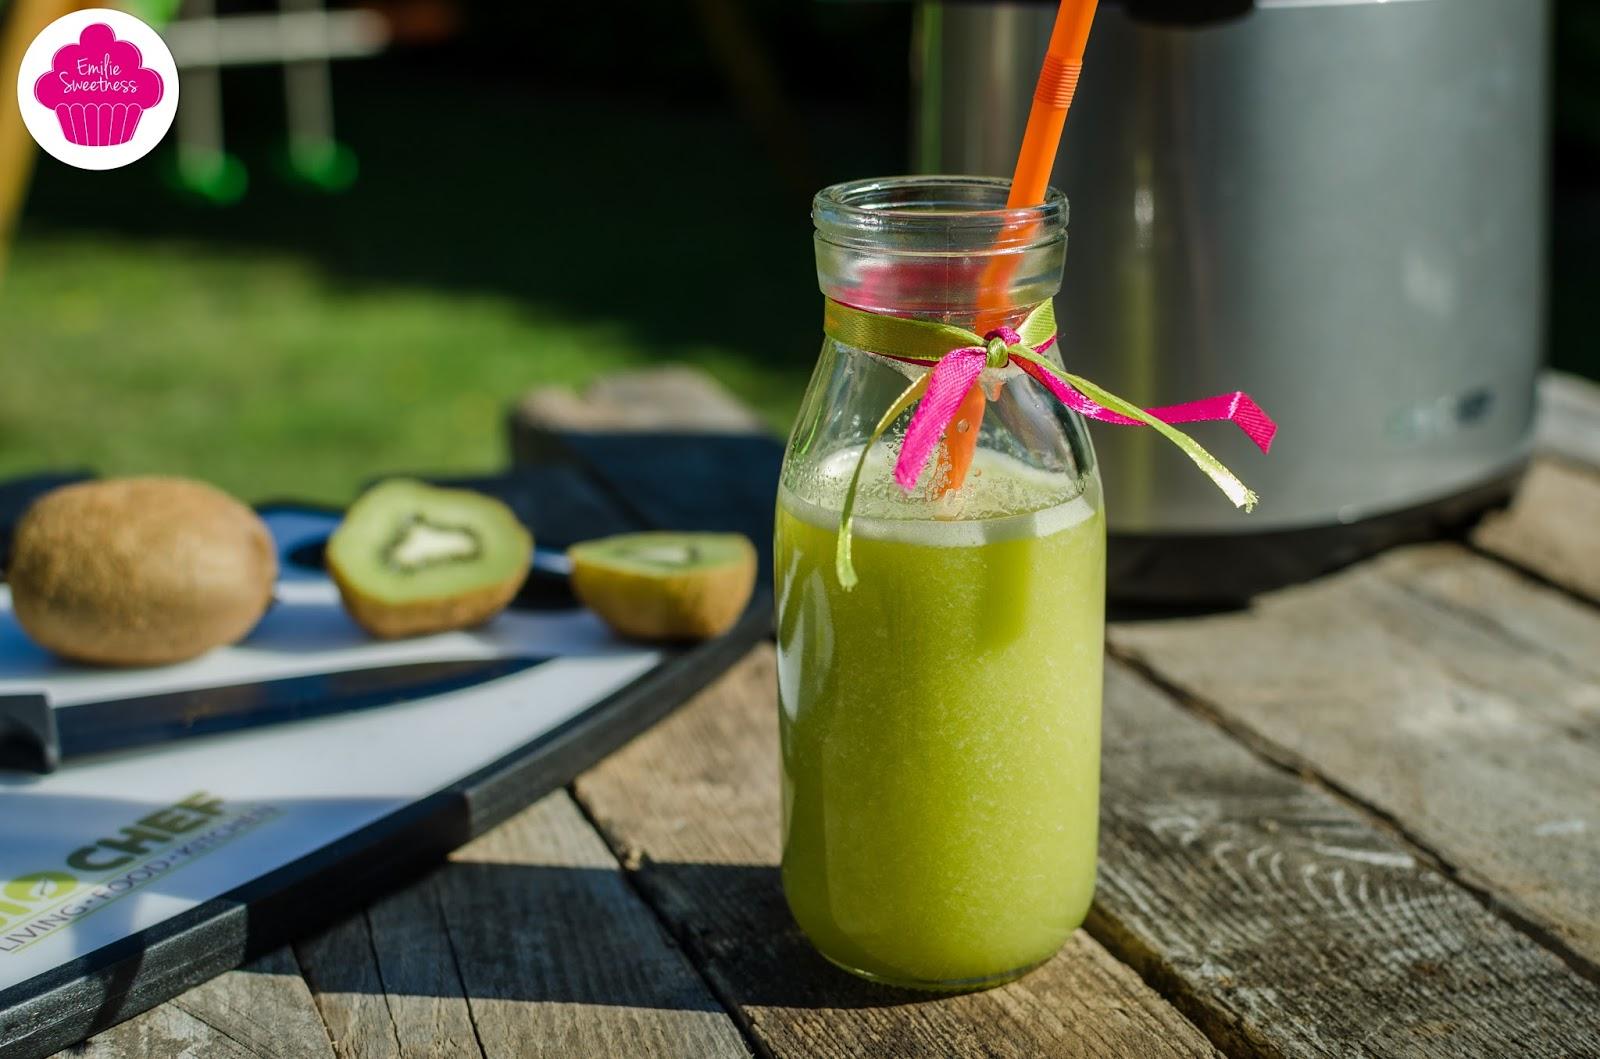 Emilie sweetness jus de kiwis et de pommes un jus vitamin recette rapide r alis e avec un - Gelee de pommes avec extracteur de jus ...